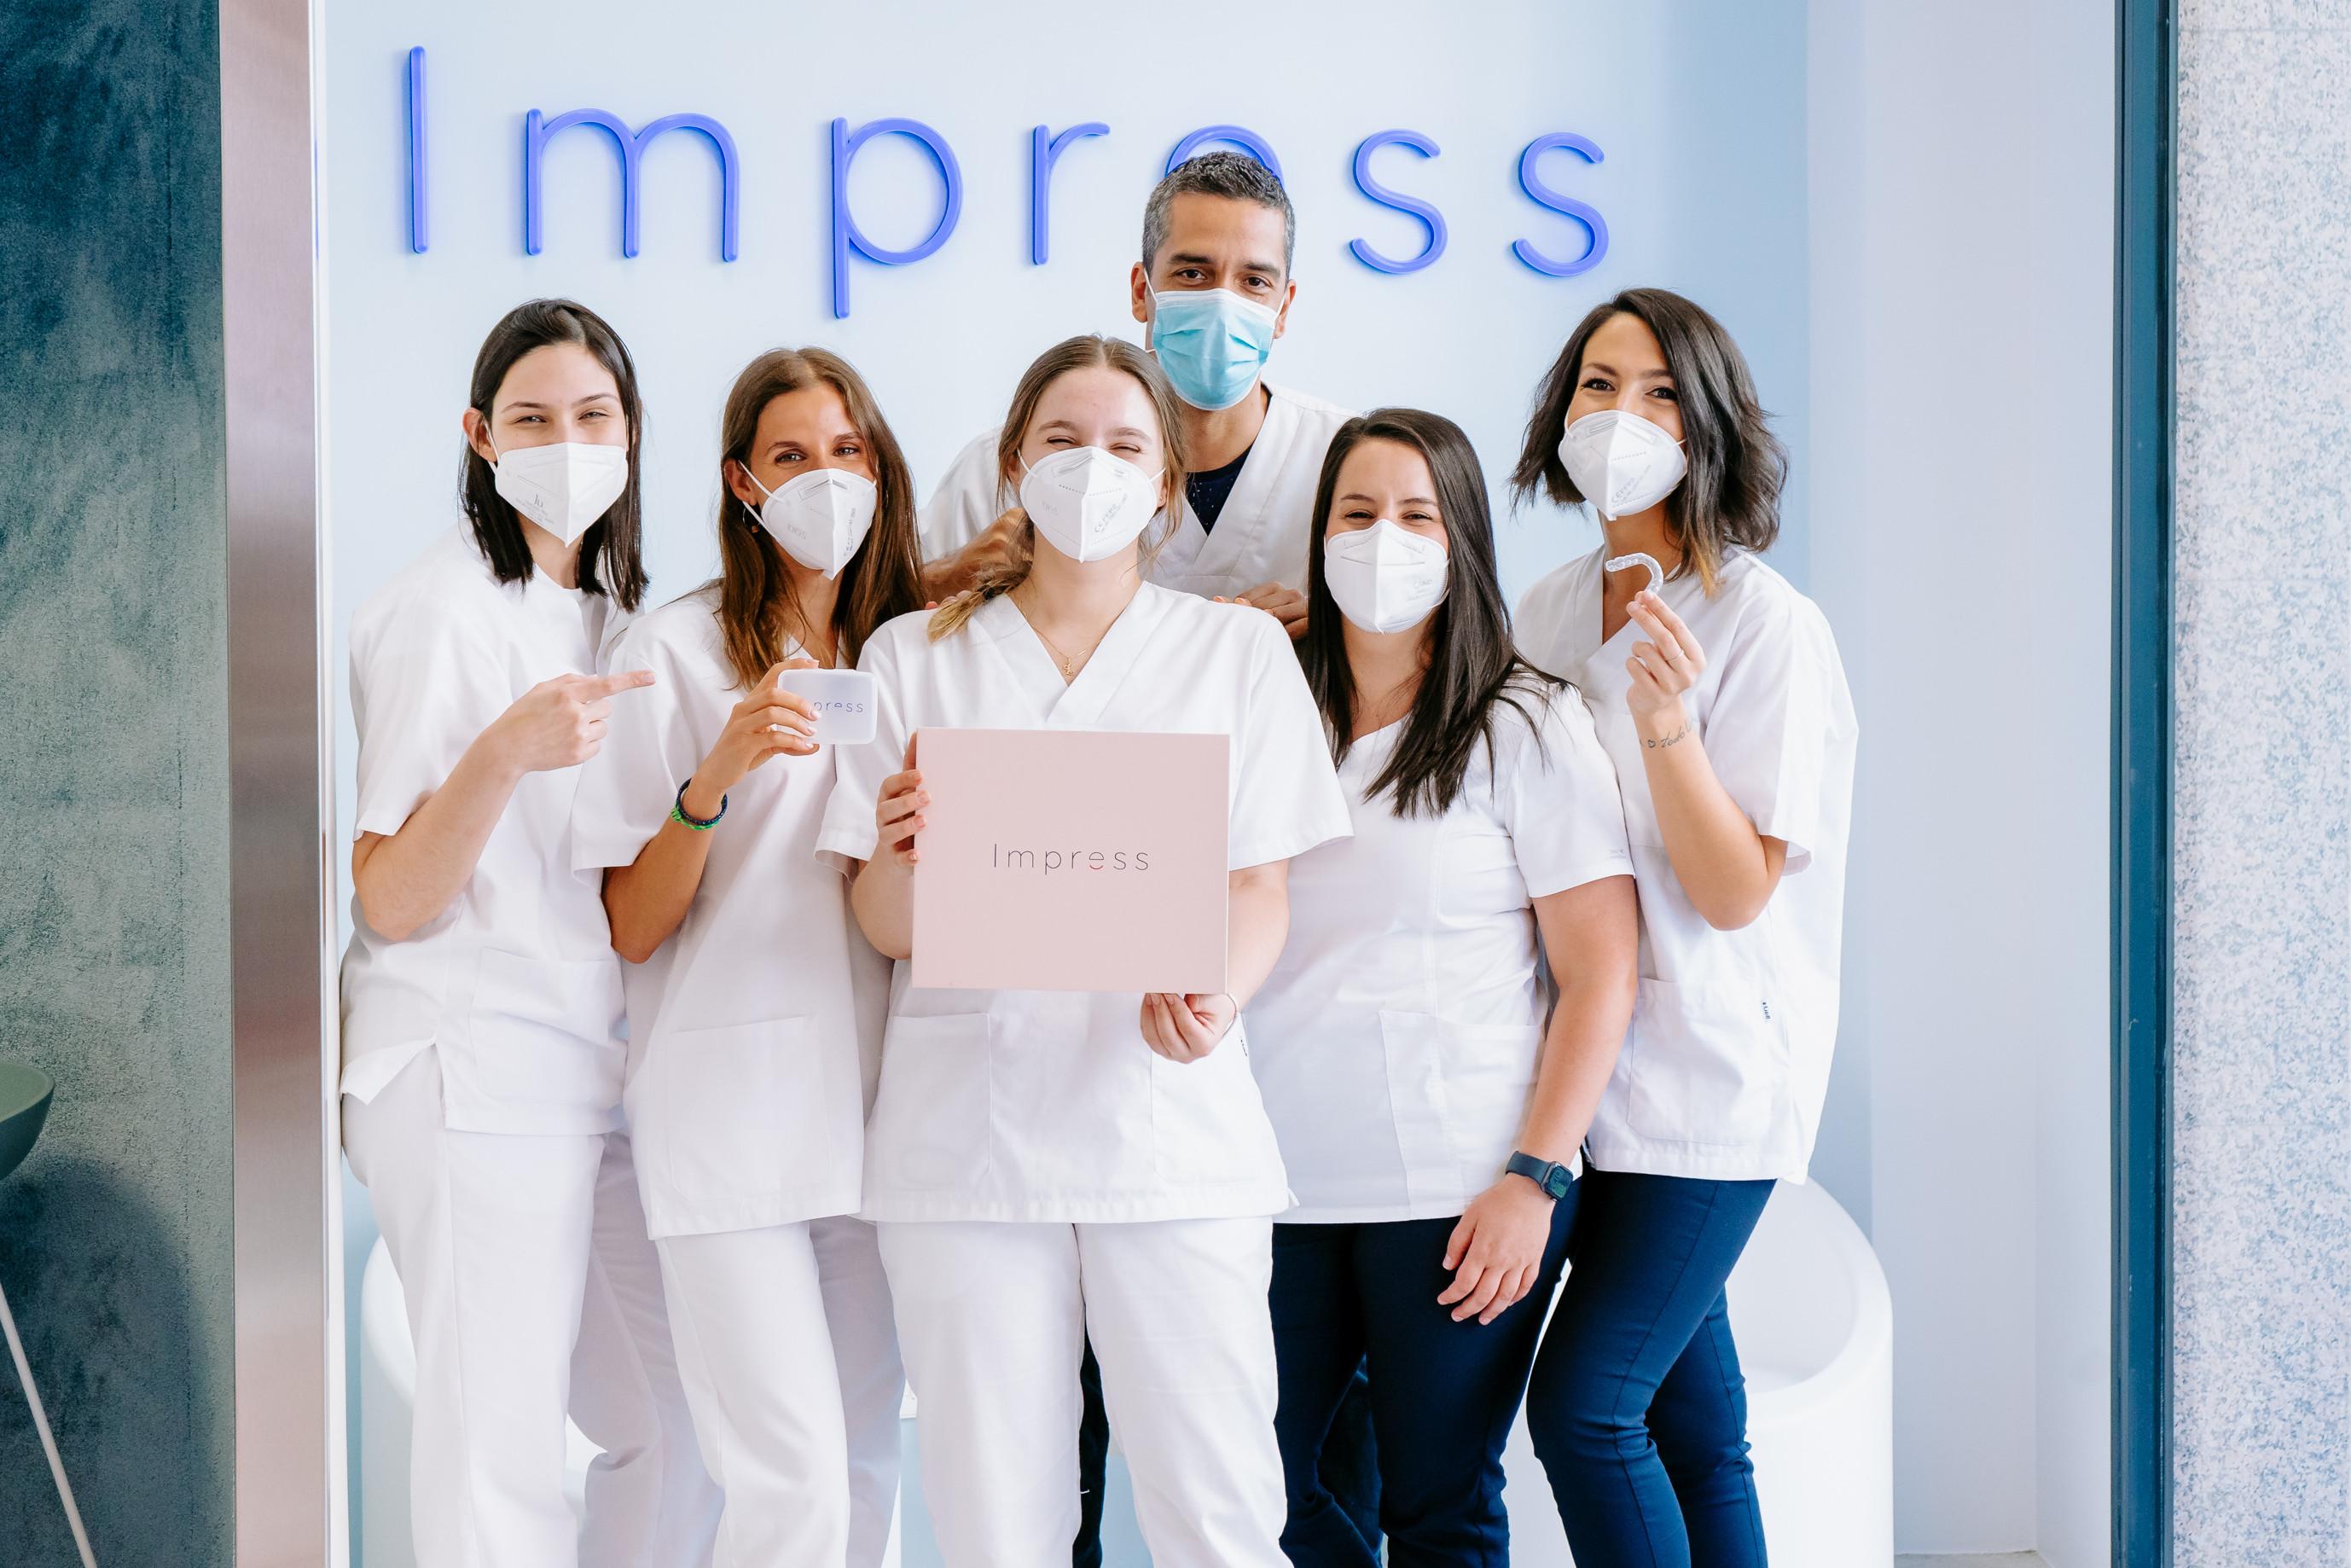 Impress abre su primera clínica propia en Madrid